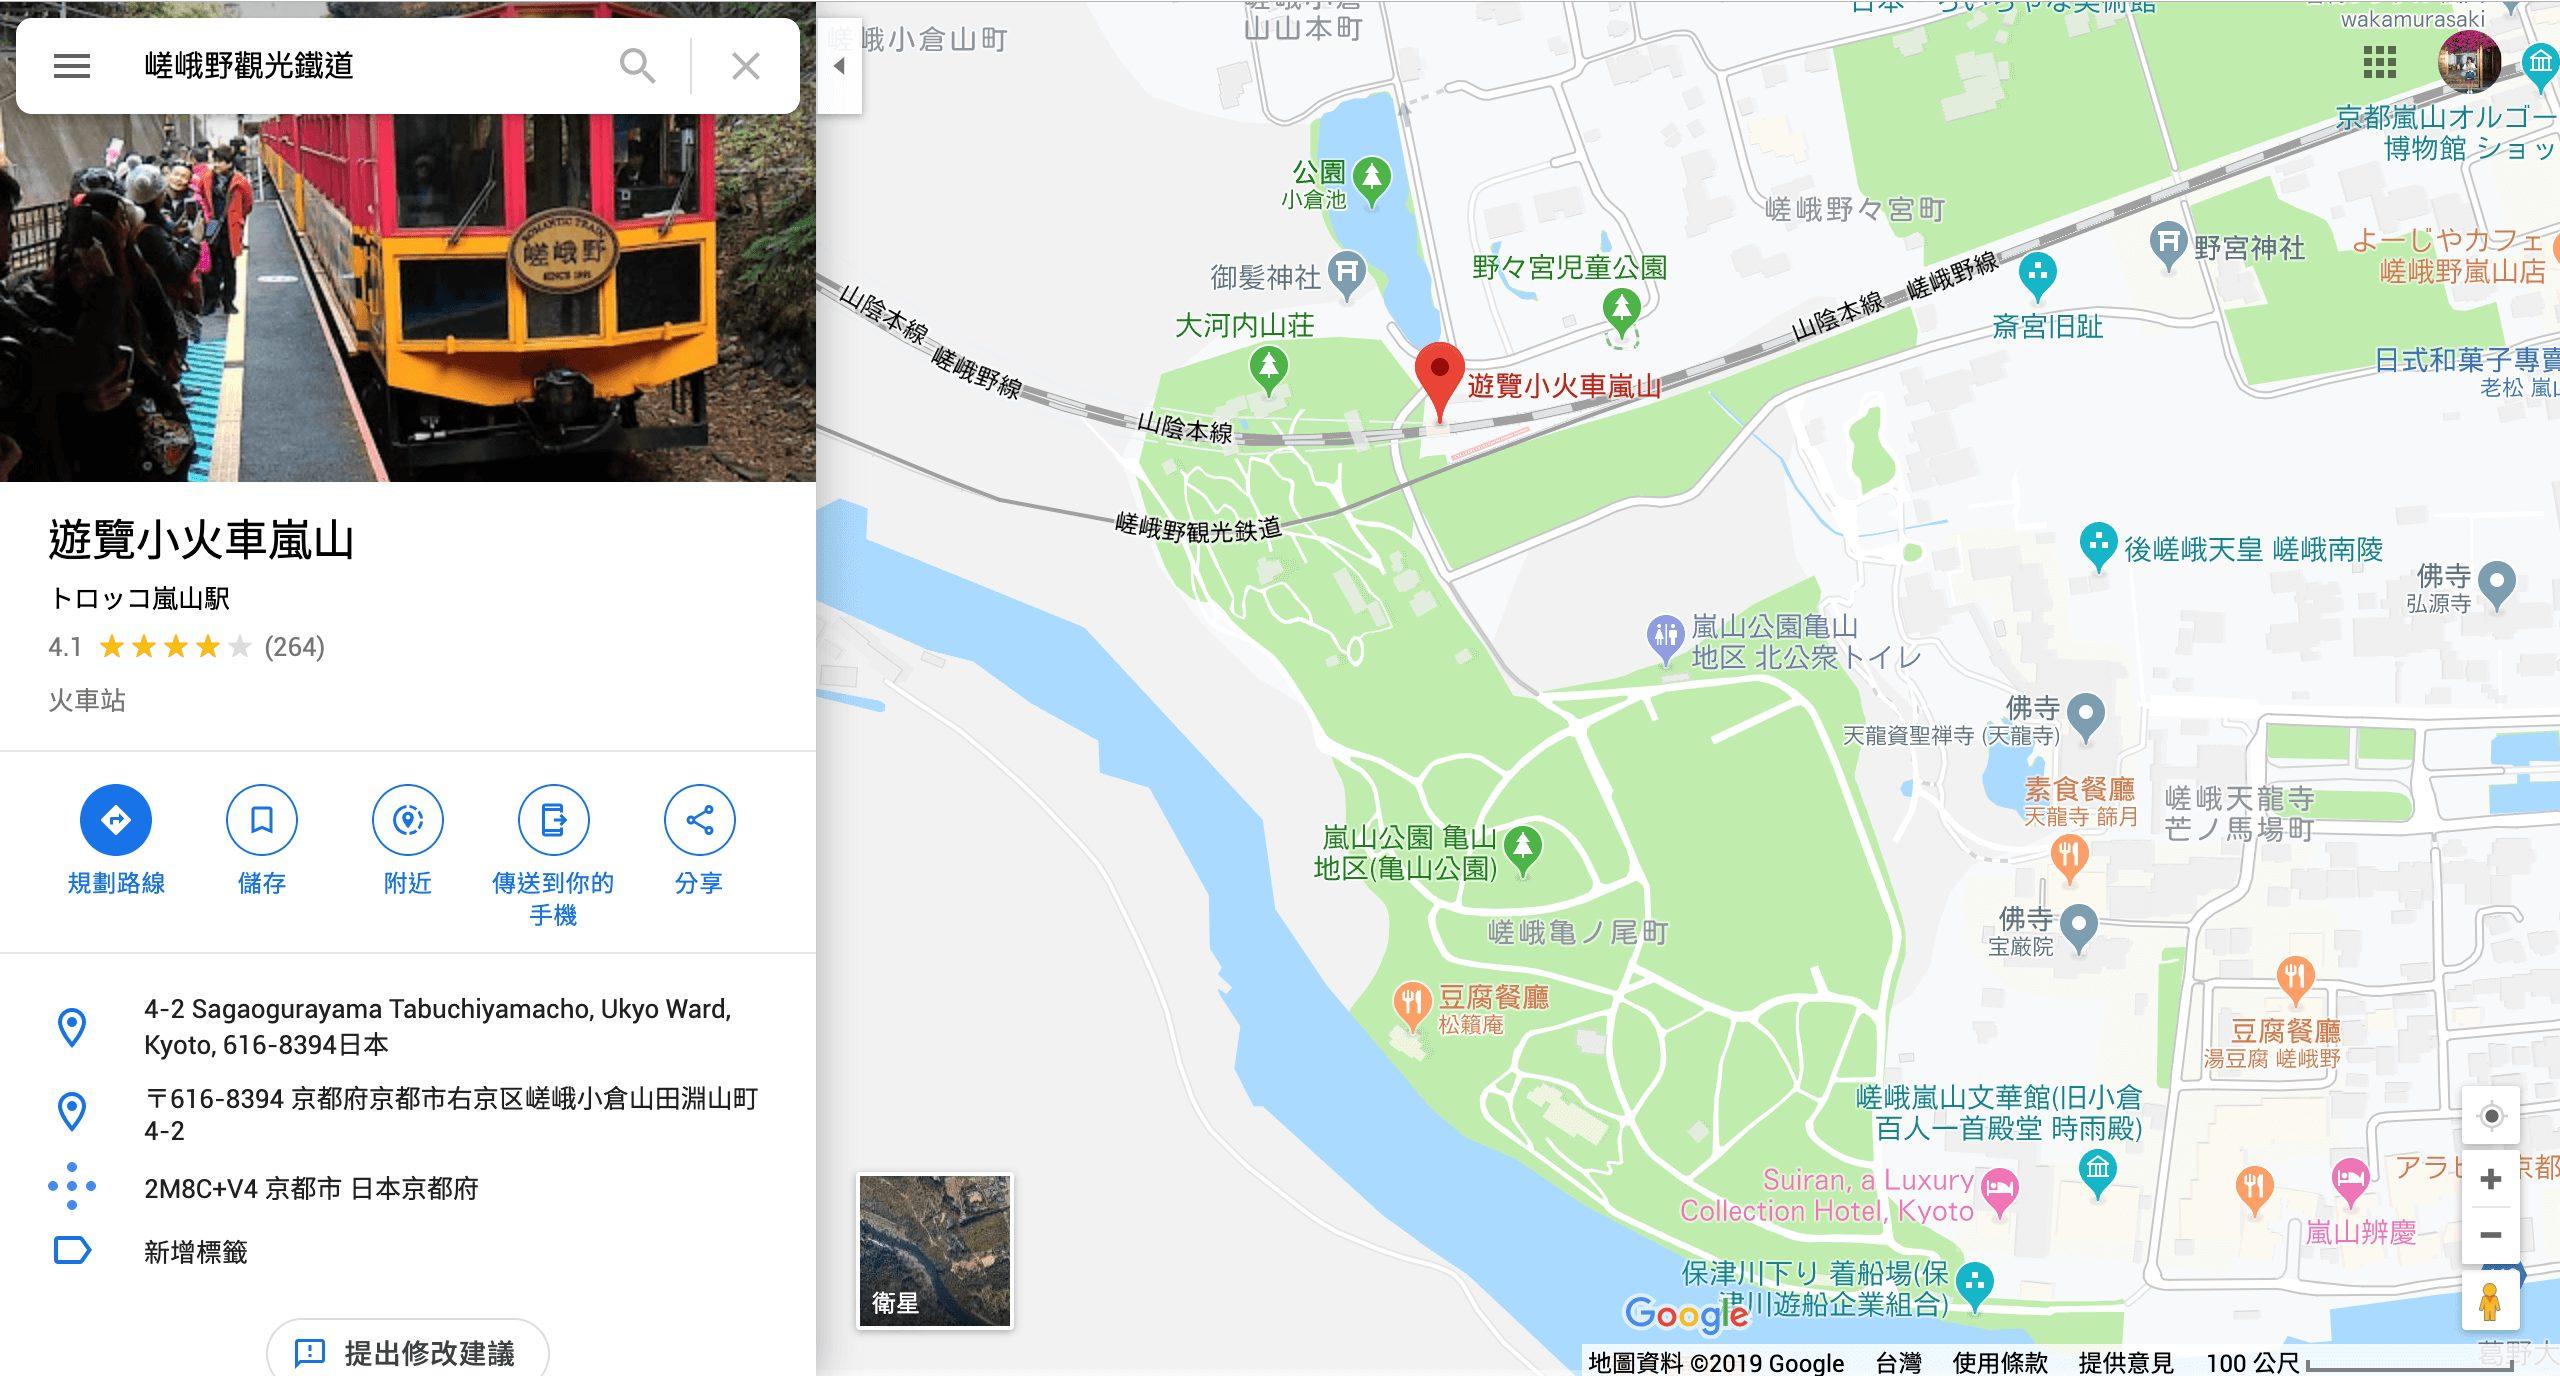 嵯峨野觀光鐵道地圖